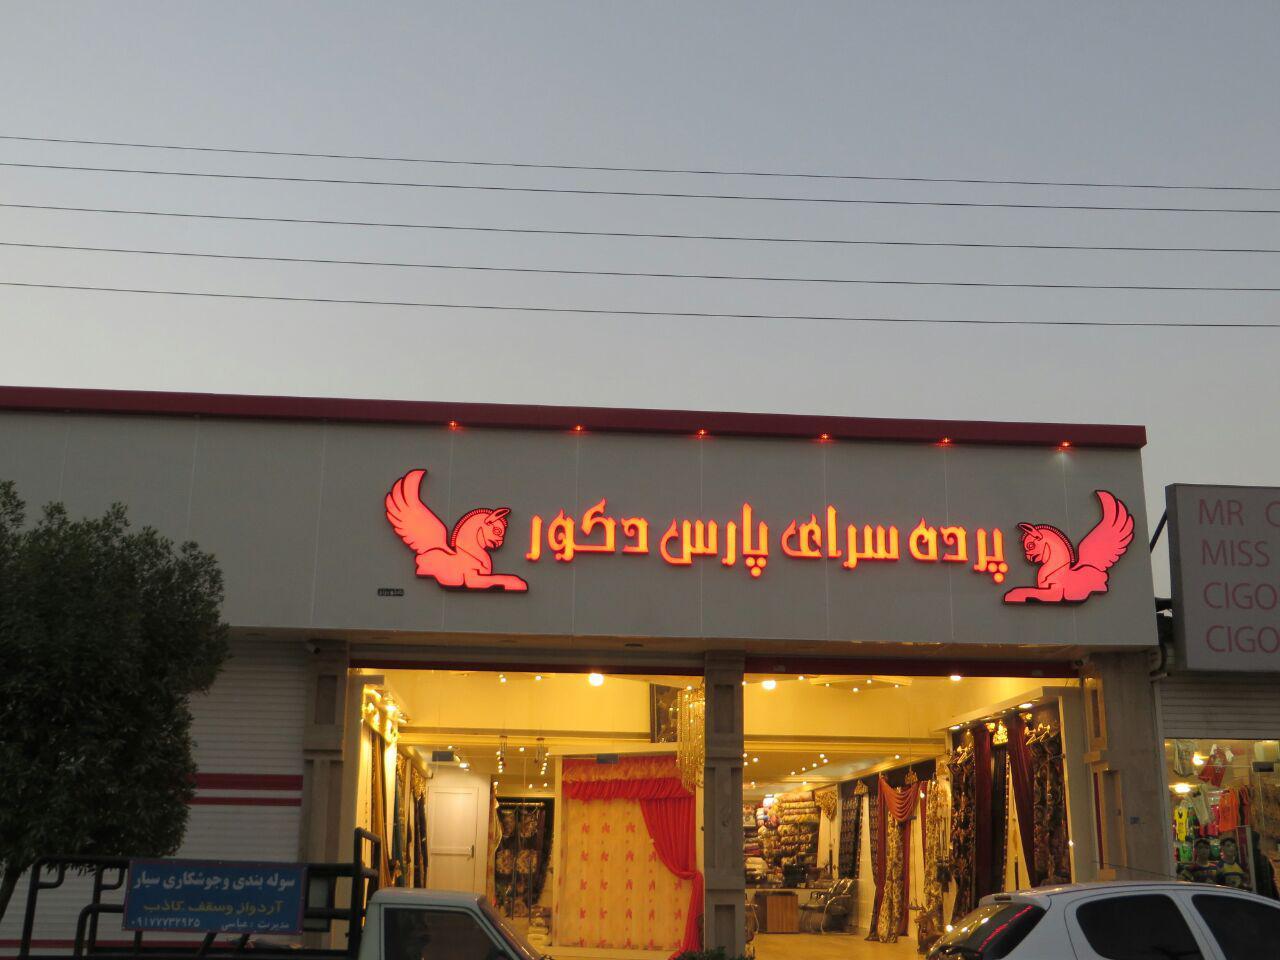 تابلو تبلیغاتی درب مغازه